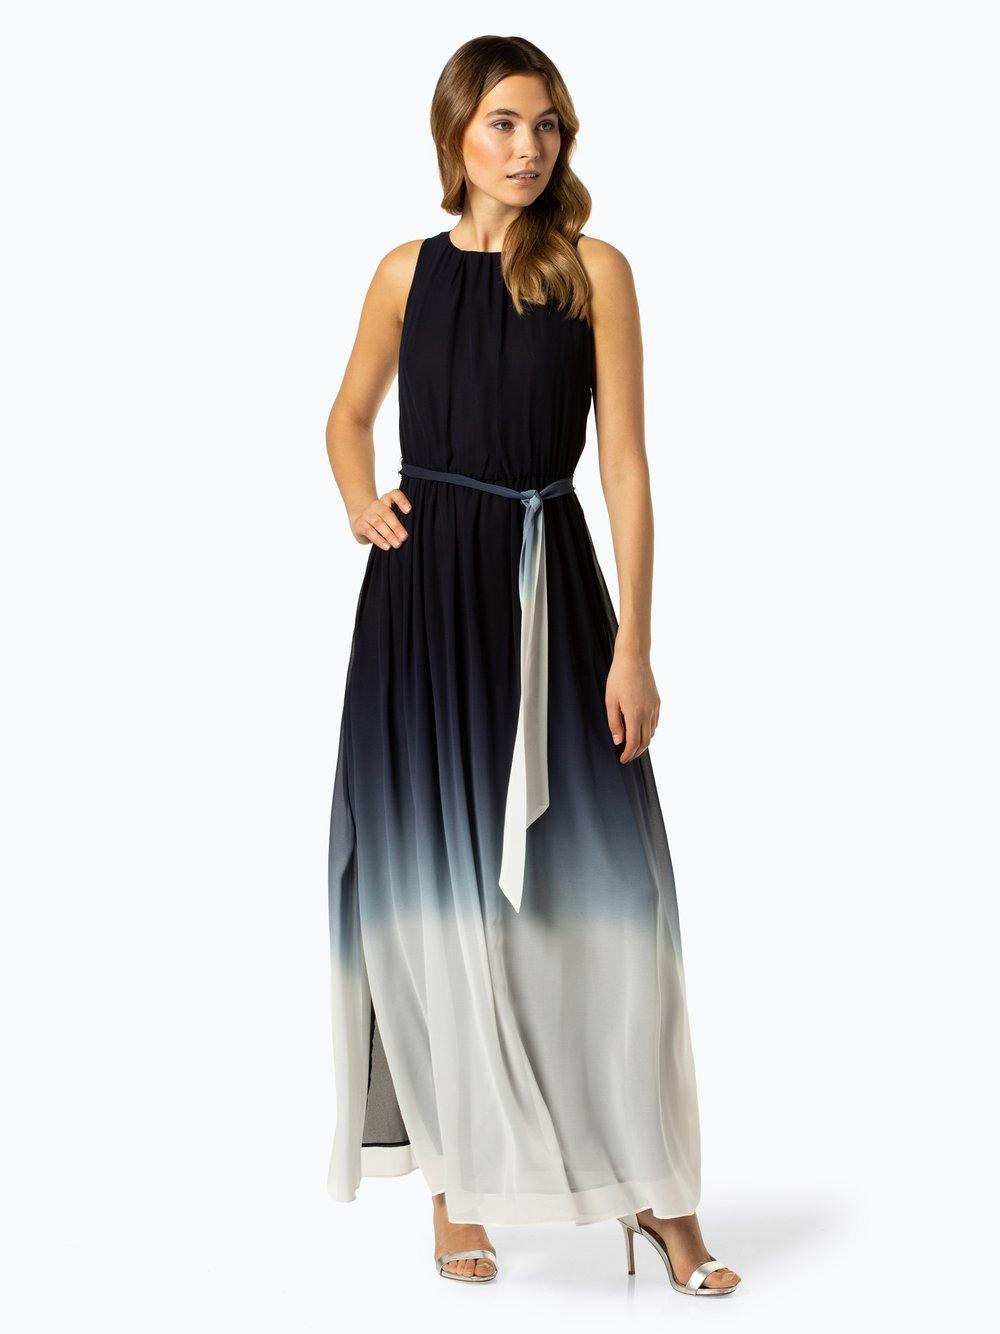 Abend Coolste Abendkleid Apart BoutiqueAbend Luxus Abendkleid Apart Stylish